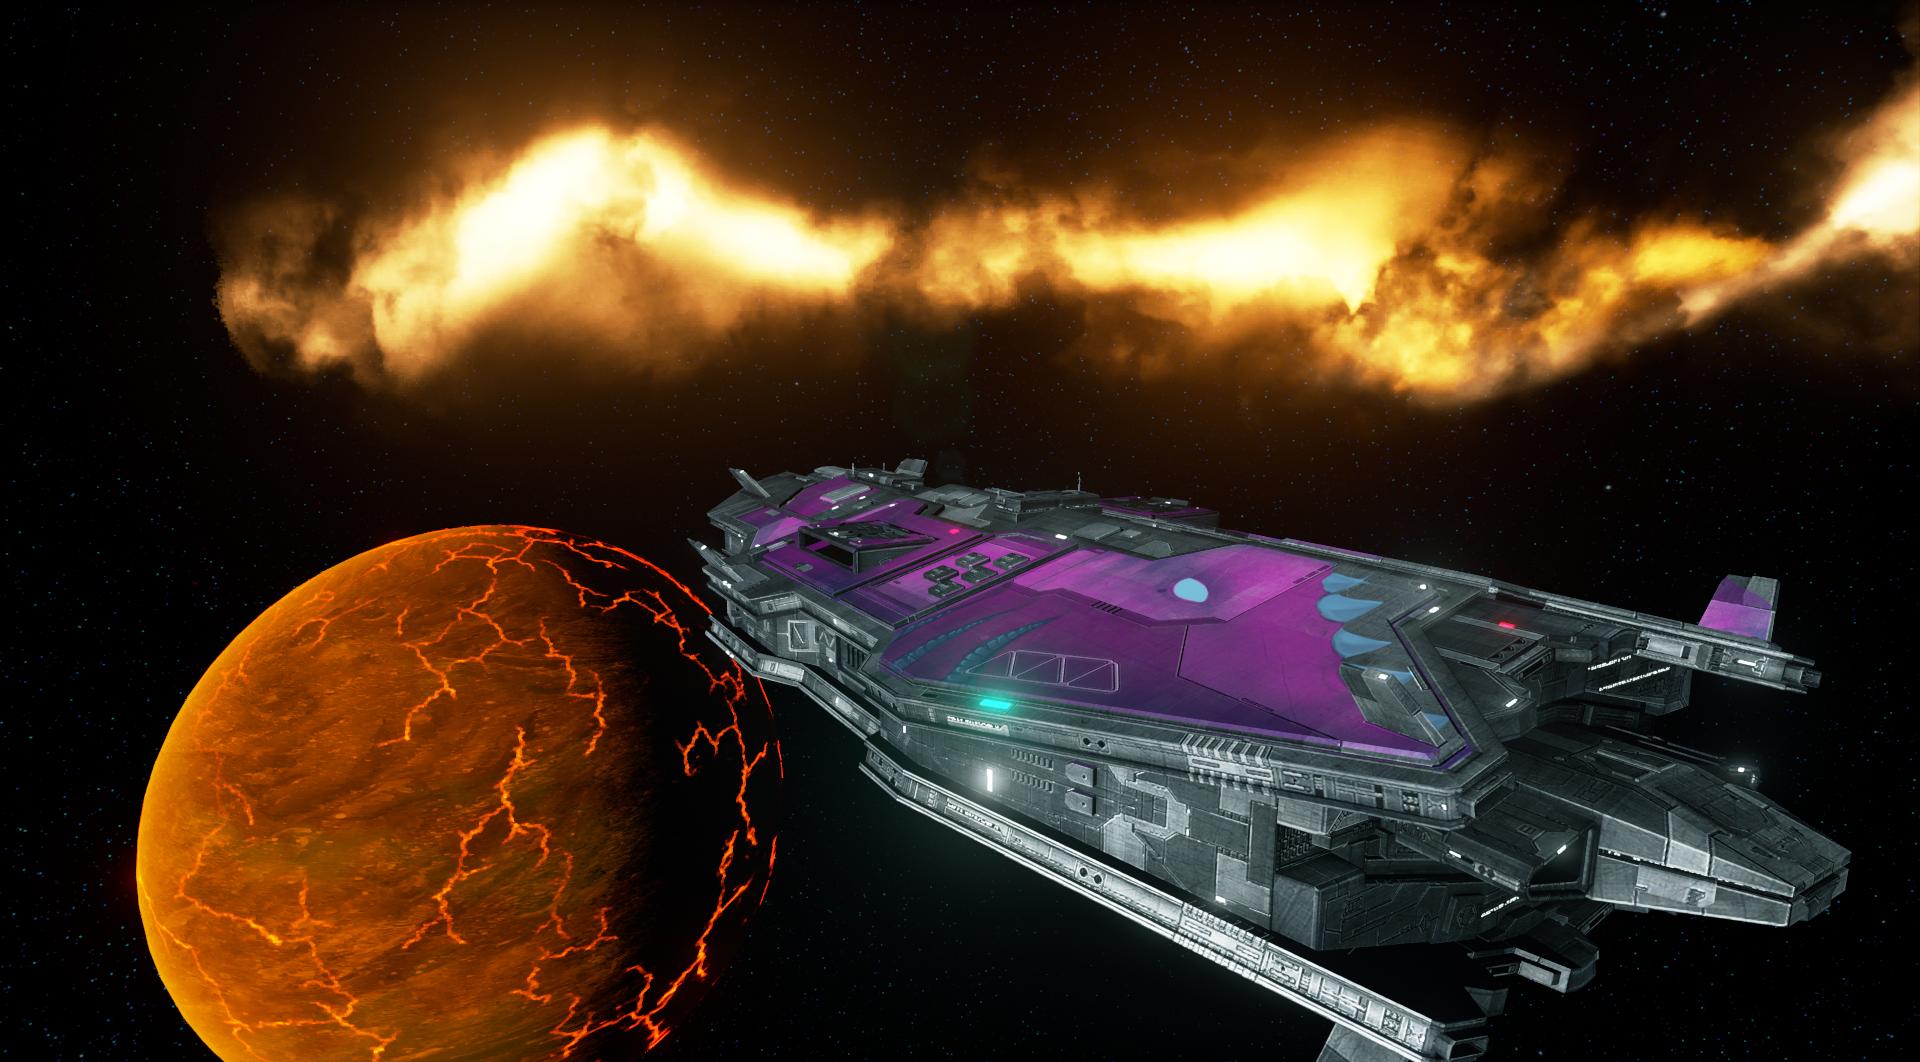 Как правильно покрасить космический корабль - Изображение 6